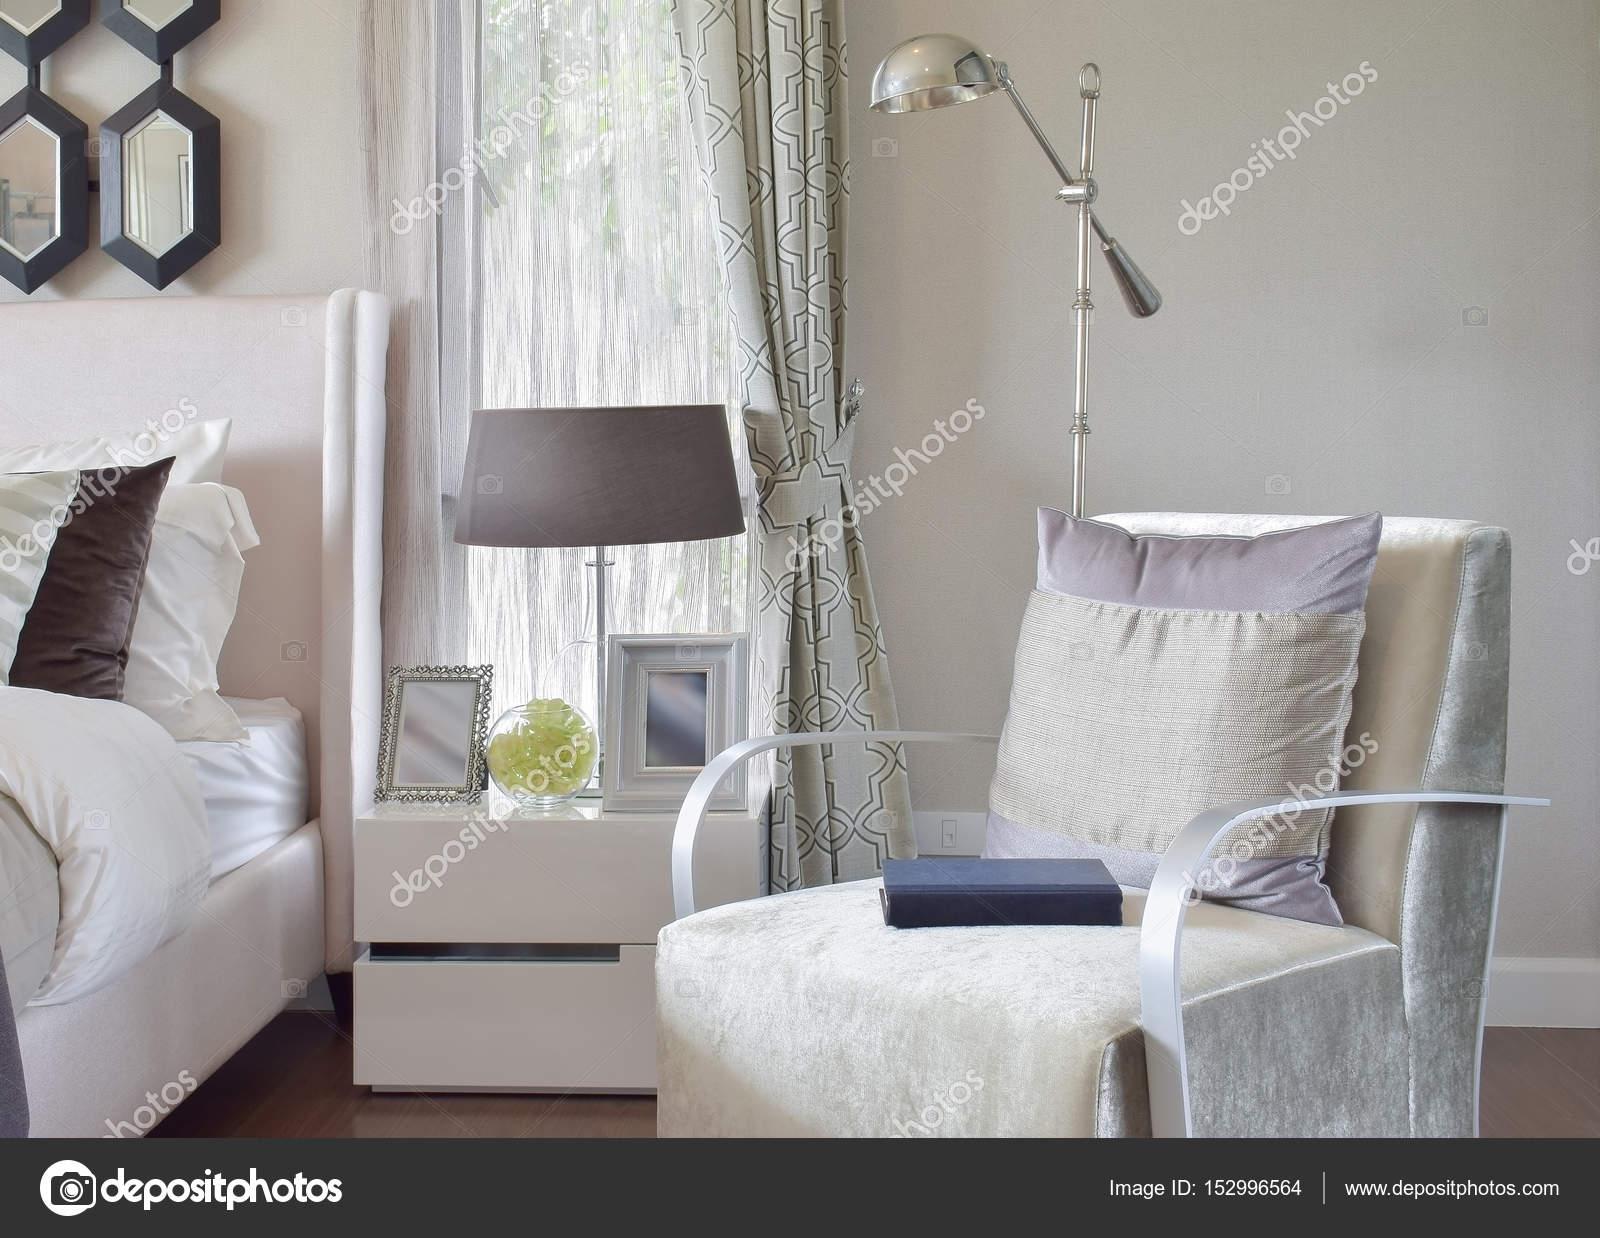 Slaapkamer Interieur Grijs : Moderne slaapkamer interieur met grijze kussen op fauteuil en